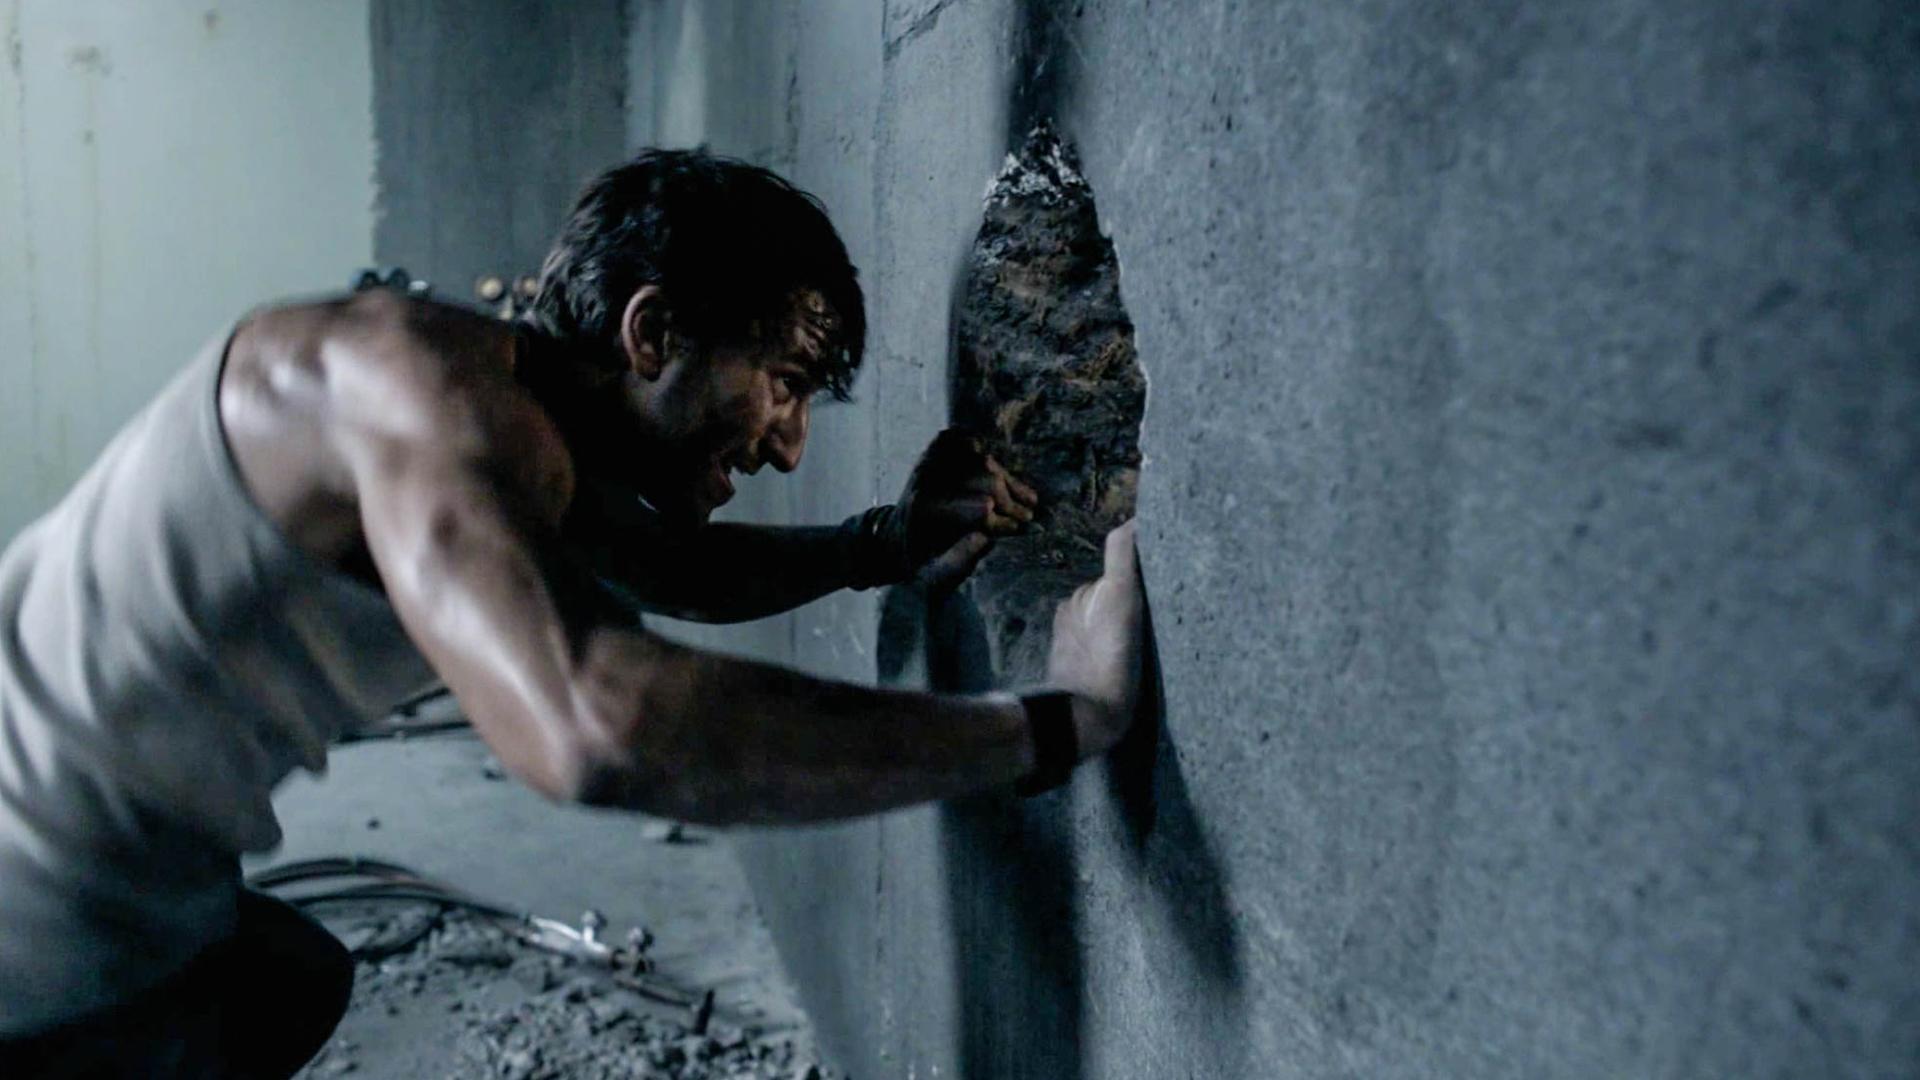 男子被困密室很绝望,好不容易凿穿墙壁,可另外一边让人更绝望